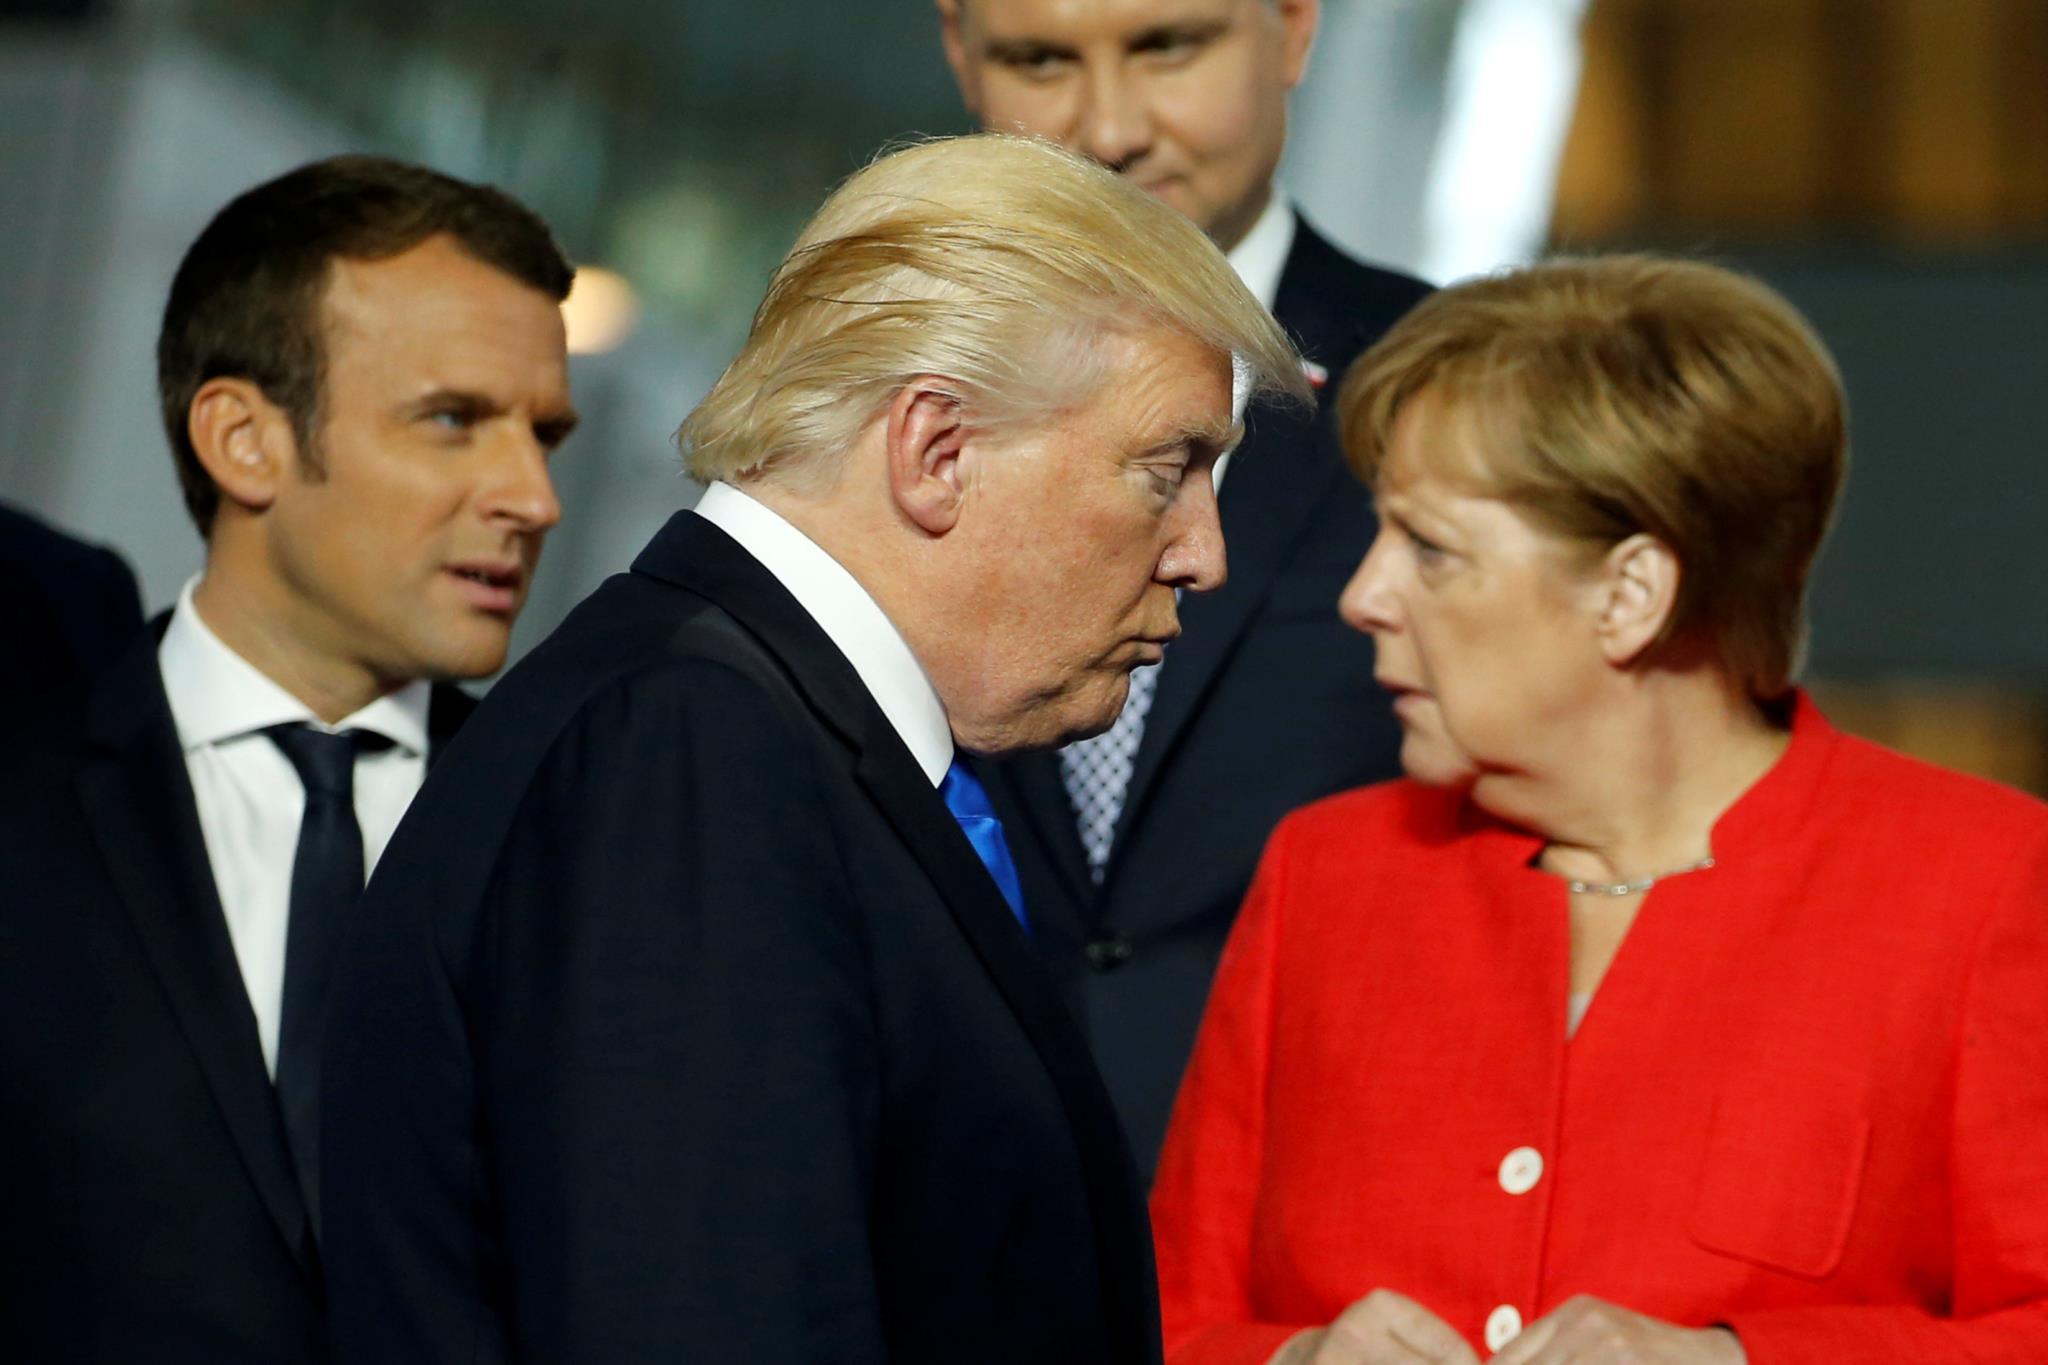 PÚBLICO - Trump escolheu a via do confronto